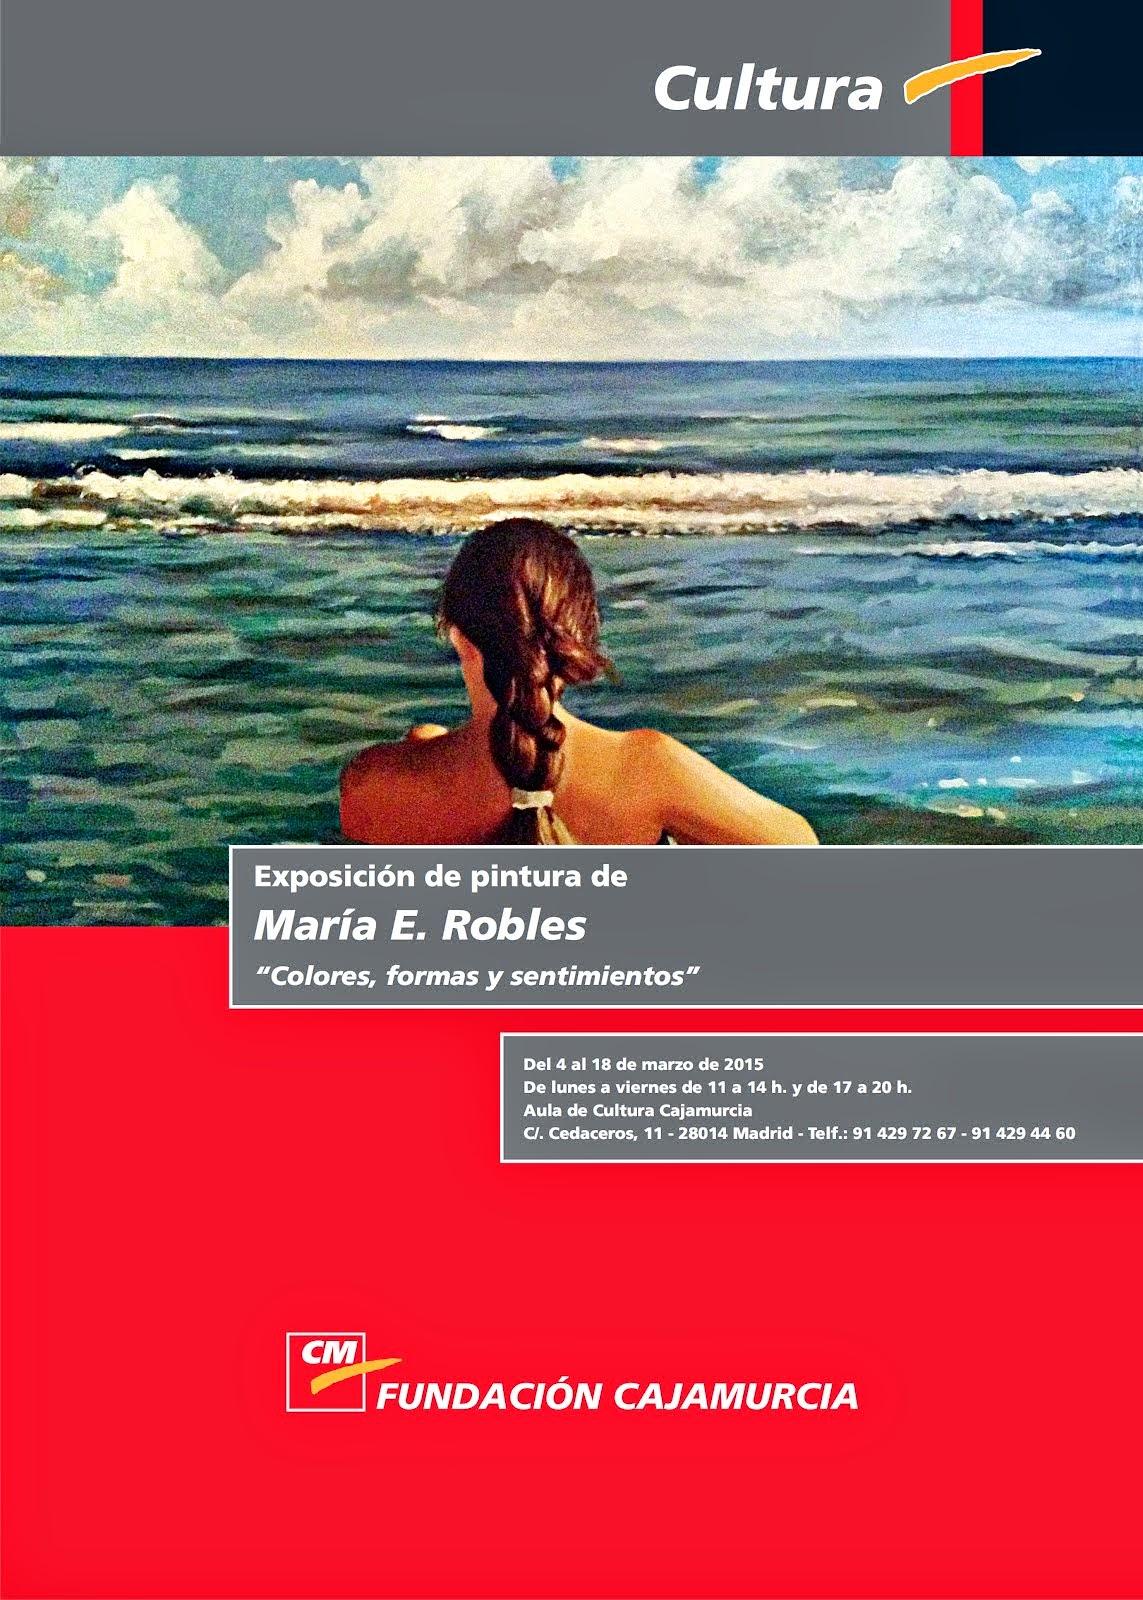 Exhibition at Fundación Caja Murcia